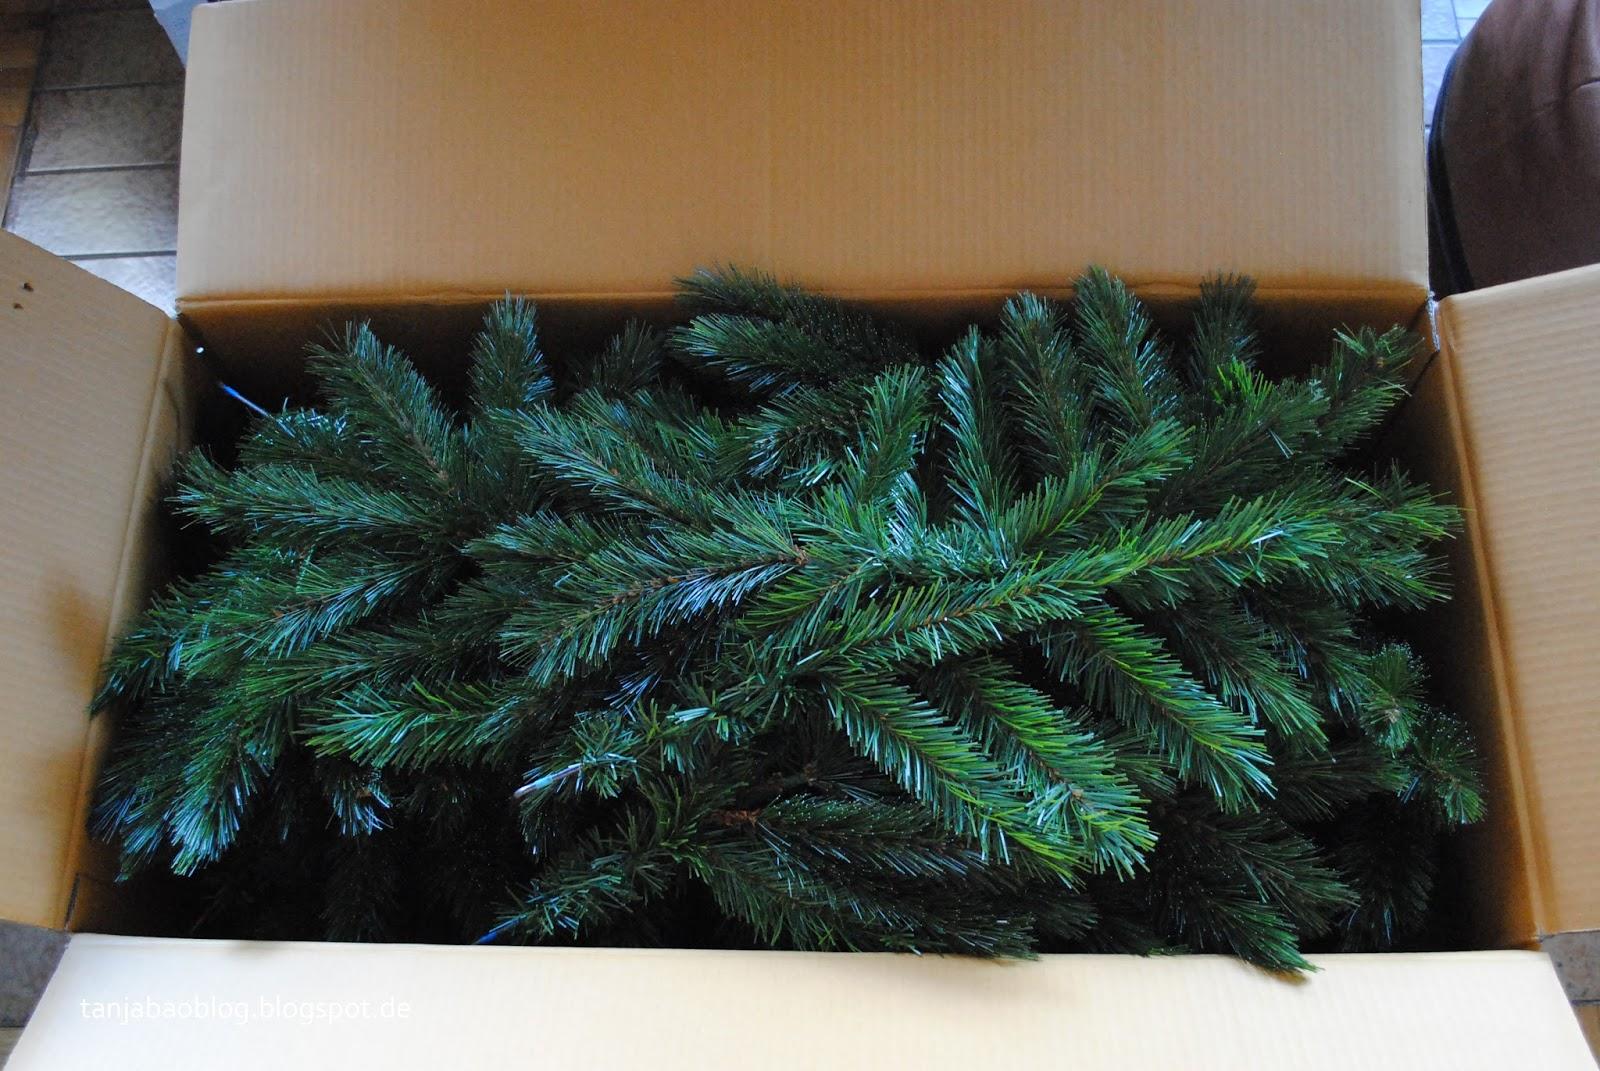 Weihnachtsbaum Aufbauen.Unechten Weihnachtsbaum Aufbauen Video